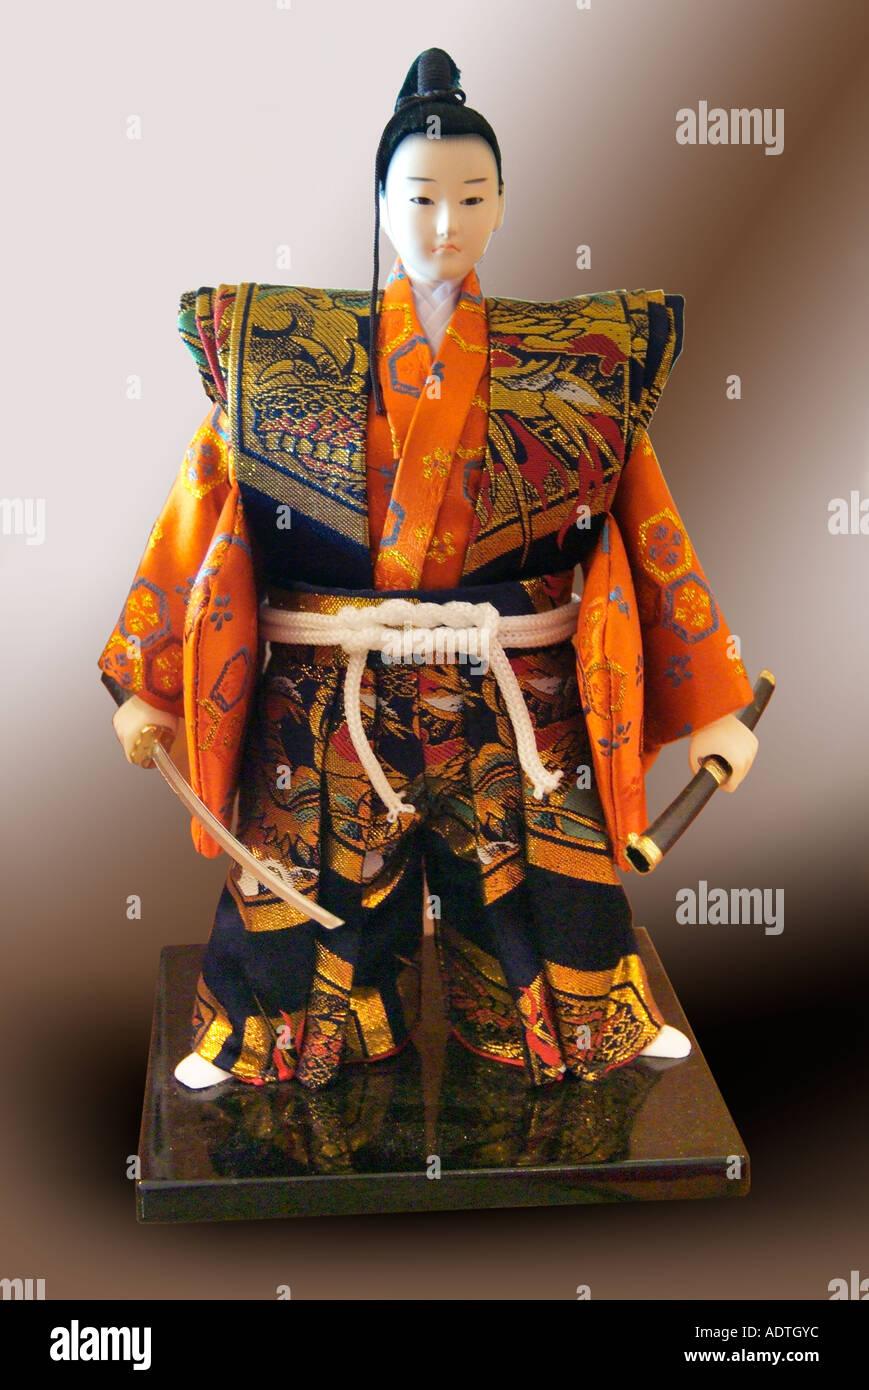 noble samurai